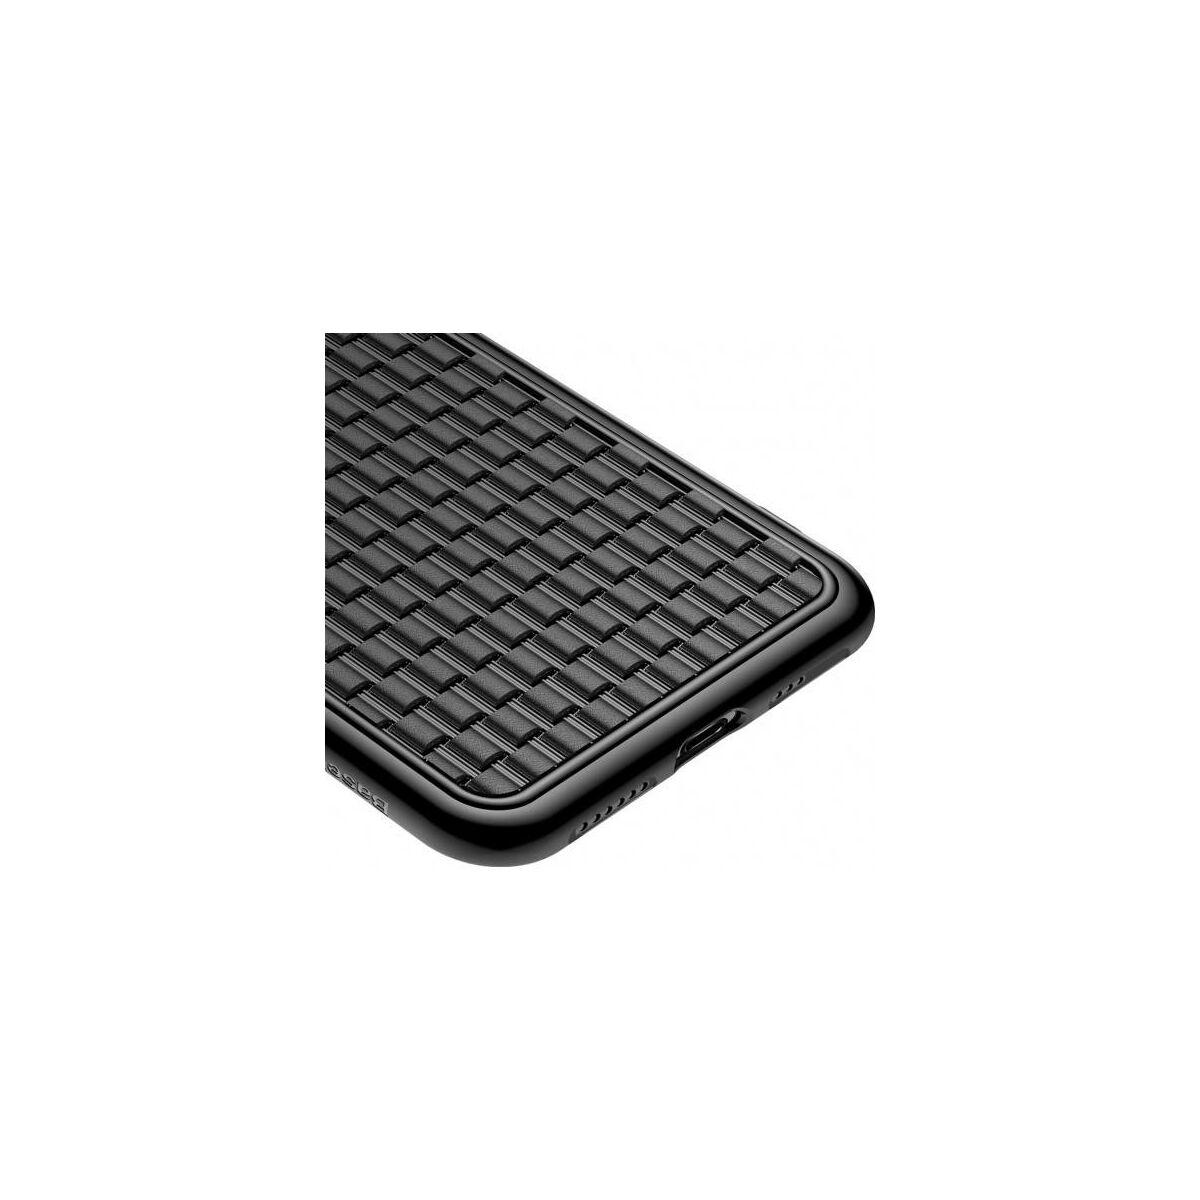 Baseus iPhone XS tok, BV, 2.generációs, fekete (WIAPIPH58-BV01)